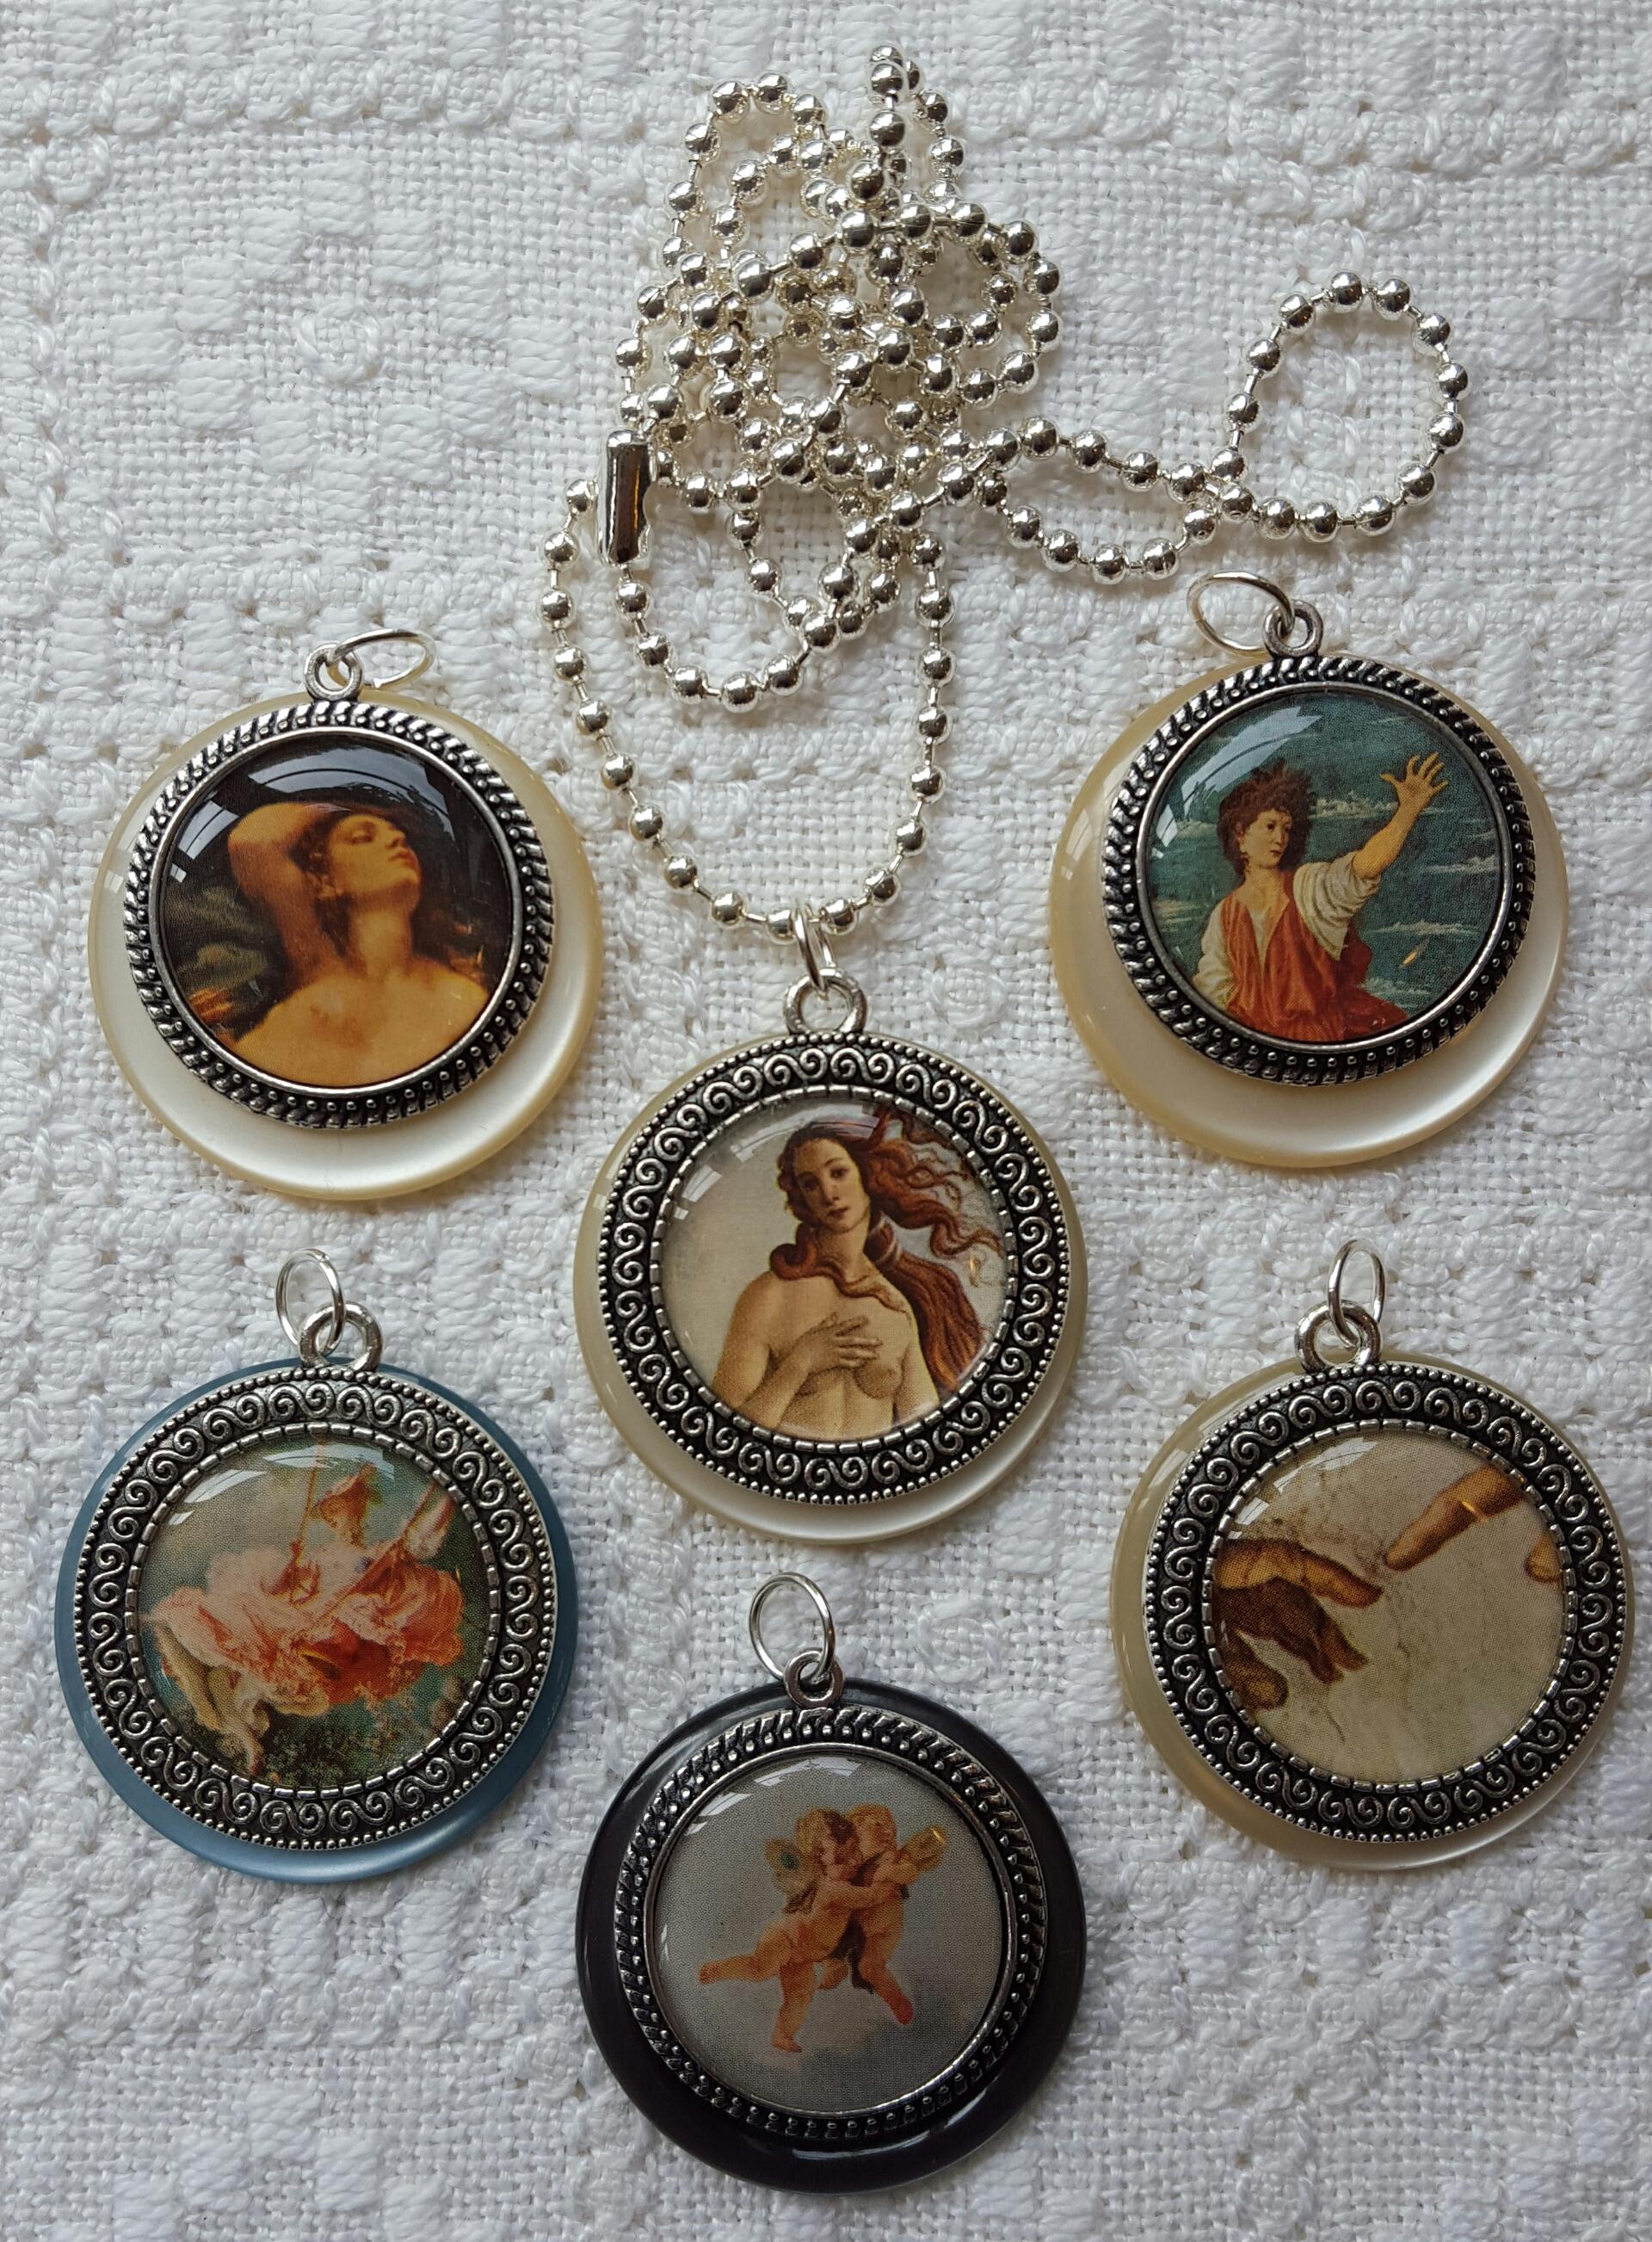 Medaljonger med konstmotiv